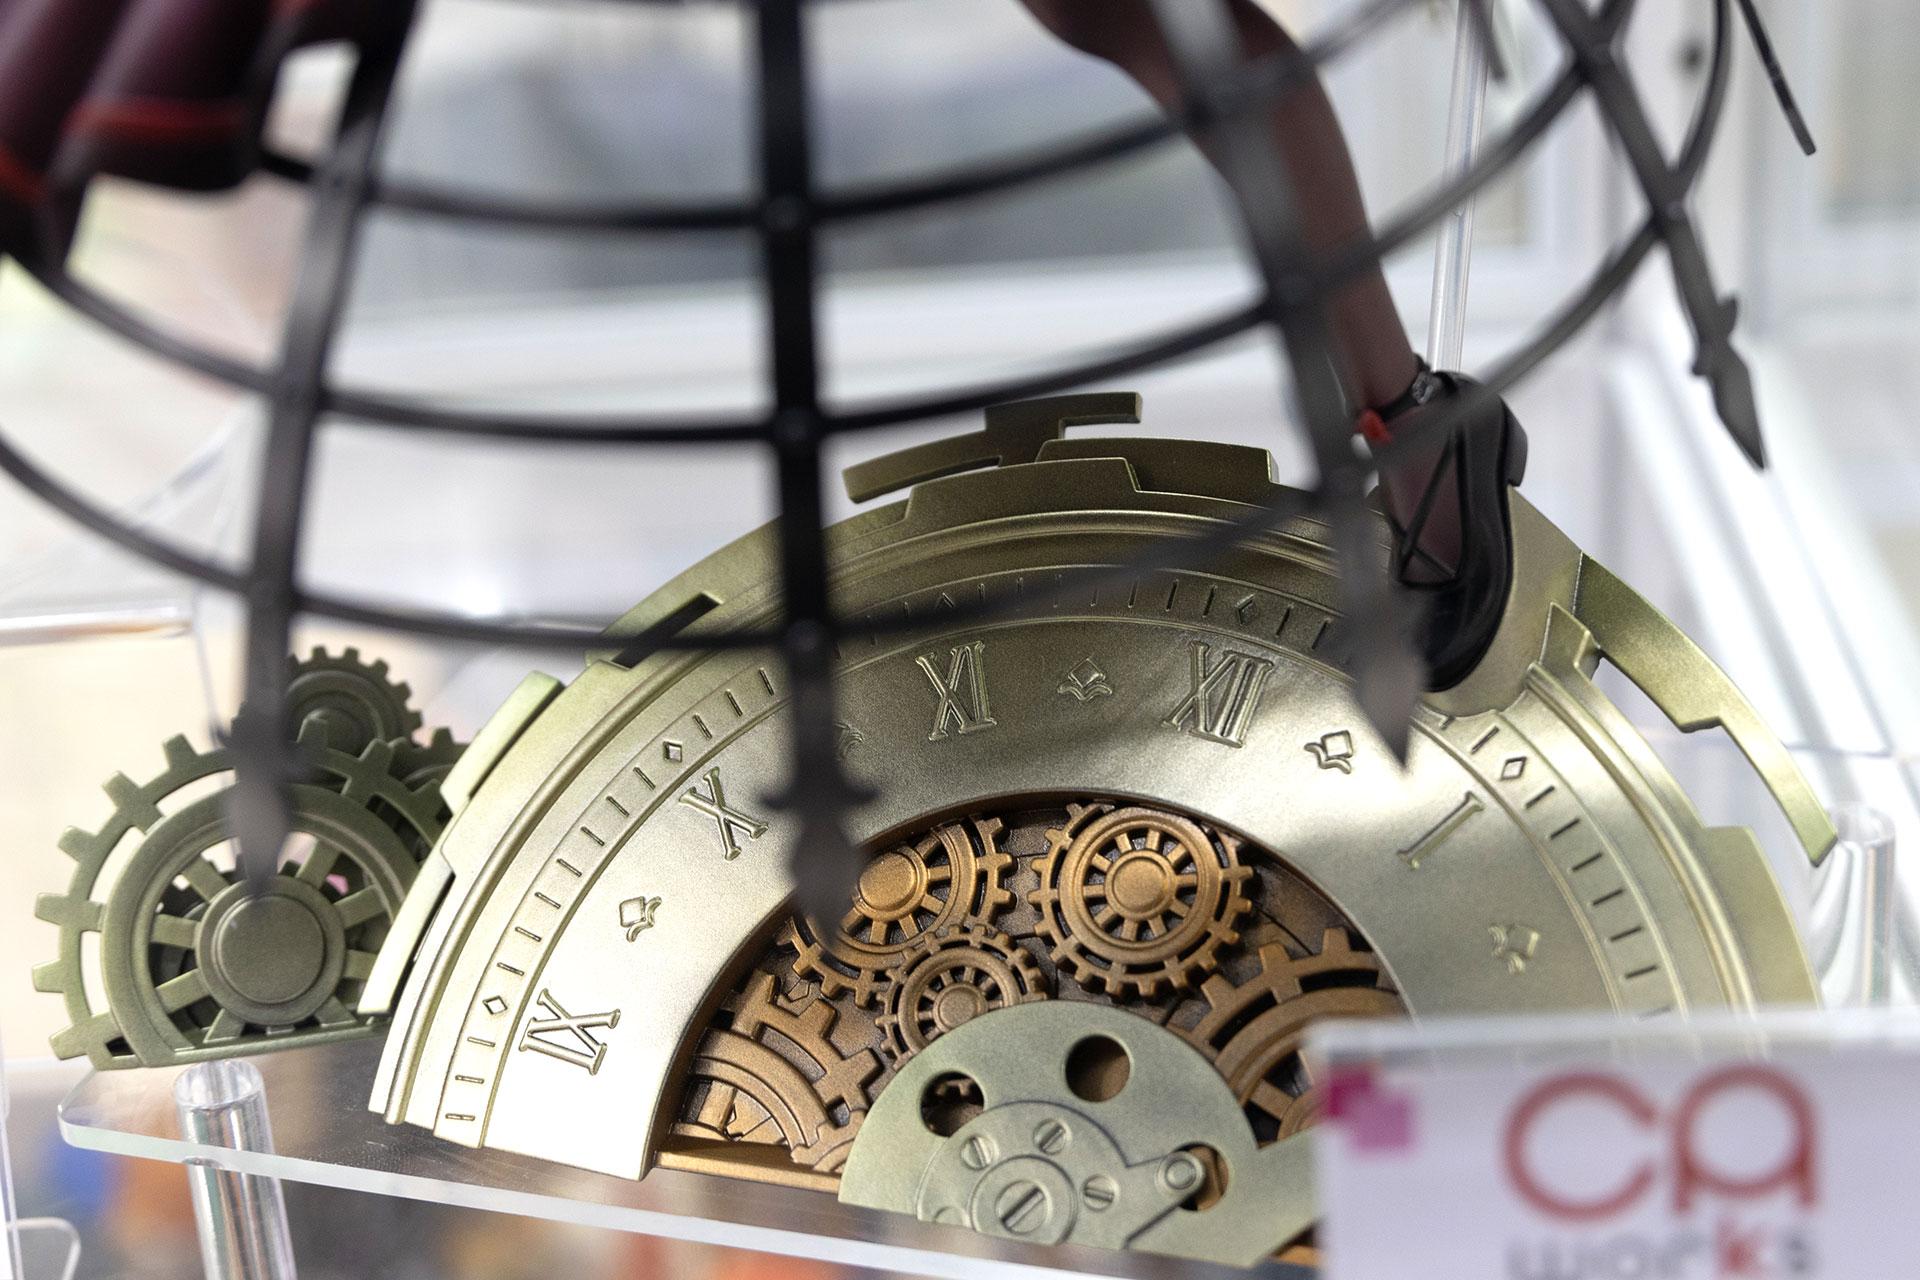 こちらが台座部分。実際に時計として動くわけではないが、そうしたギミックが仕掛けられていてもおかしくないぐらいの質感だ